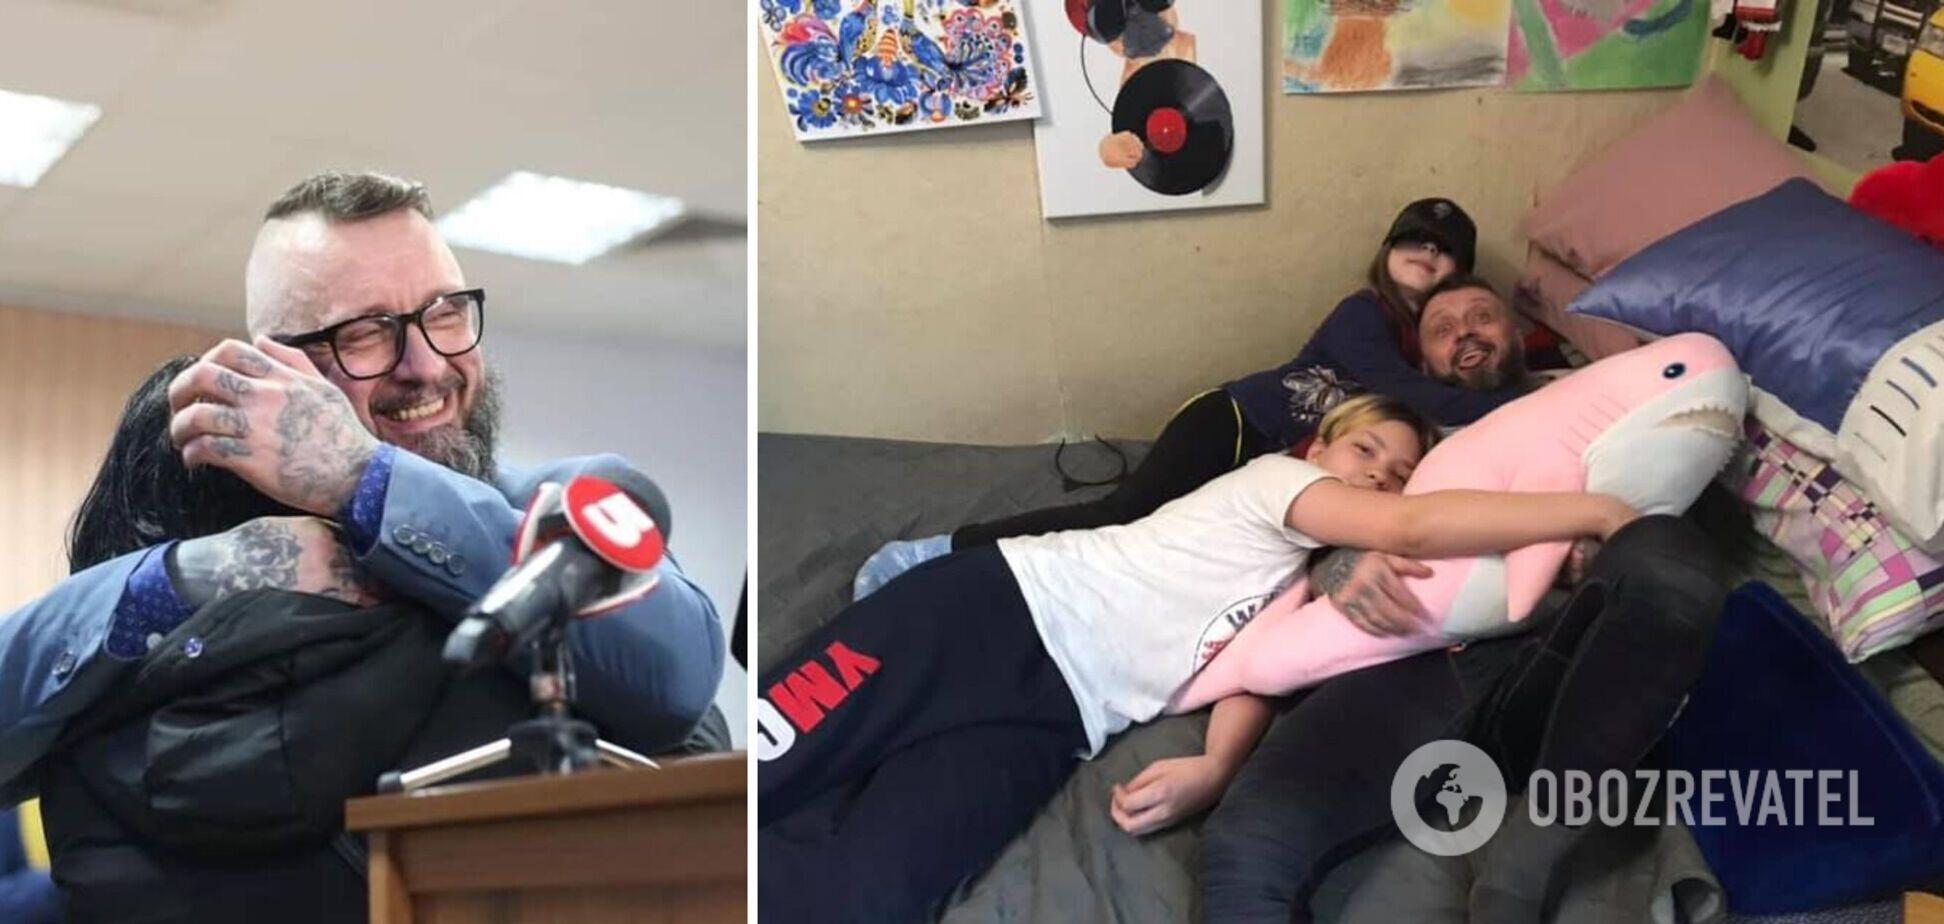 Мережу зворушило фото Антоненка з сім'єю після звільнення з СІЗО